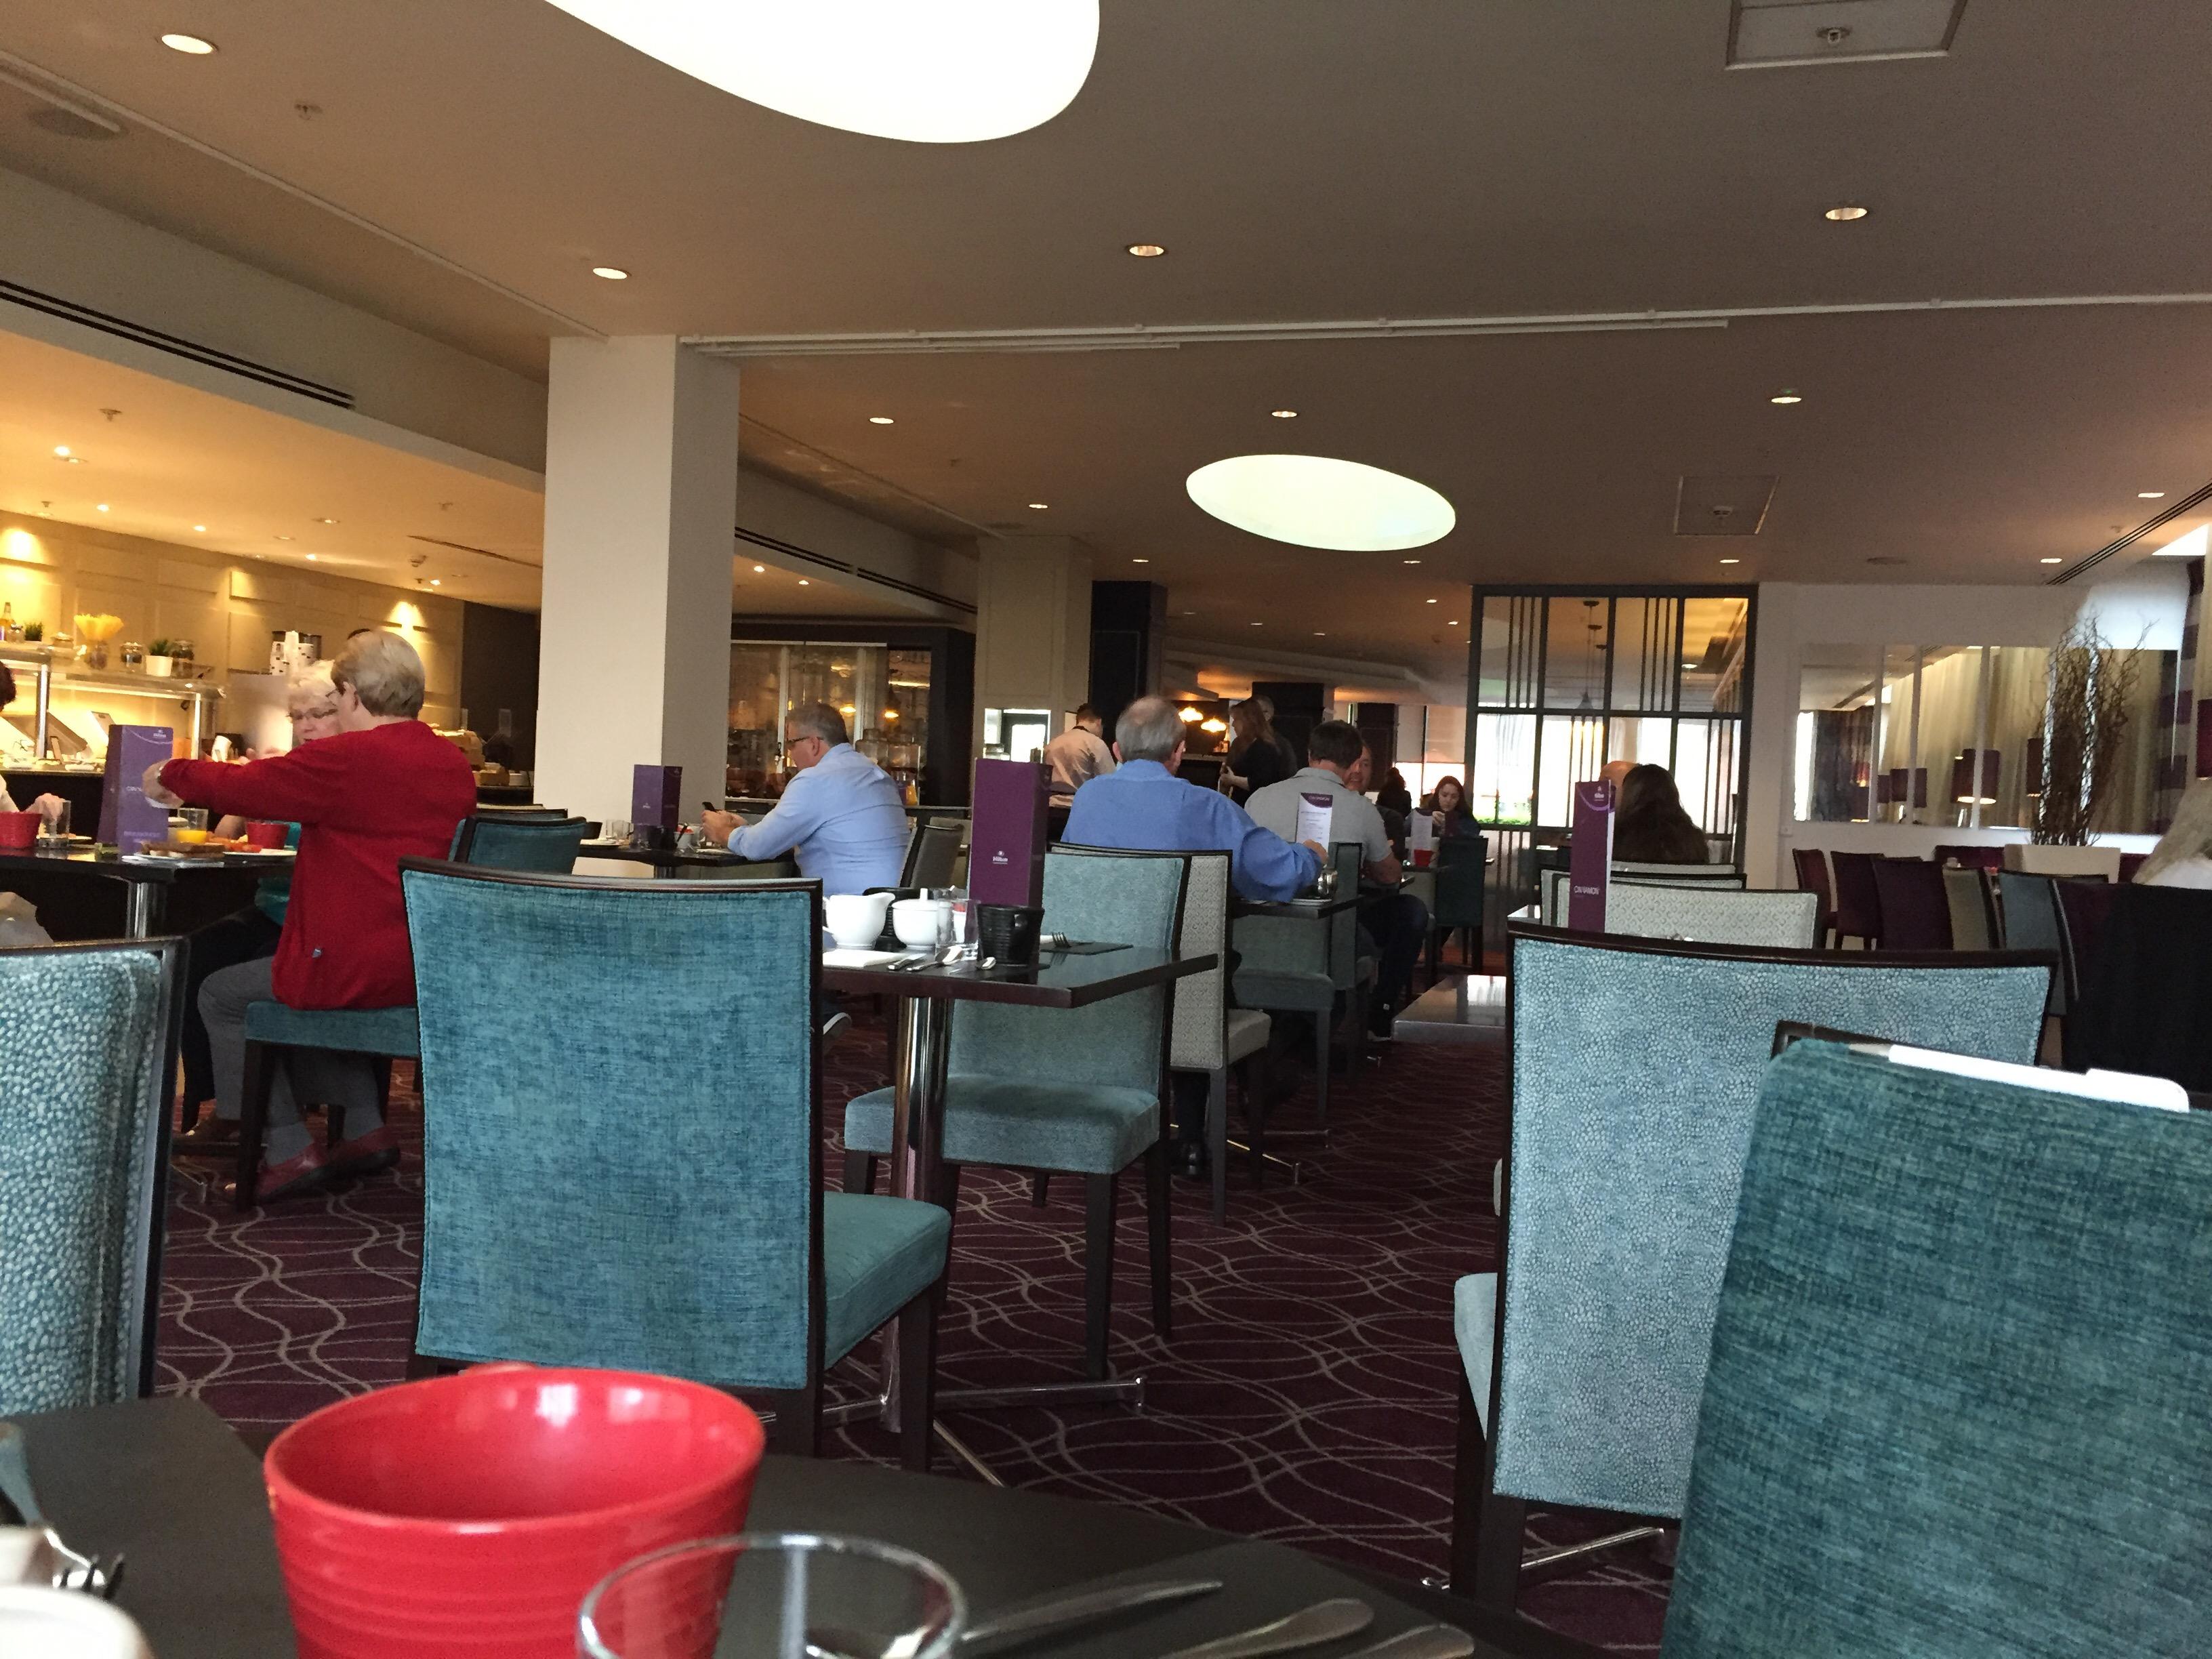 Hotel review hilton dublin kilmainham upperdeckflyer for Hilton kilmainham swimming pool